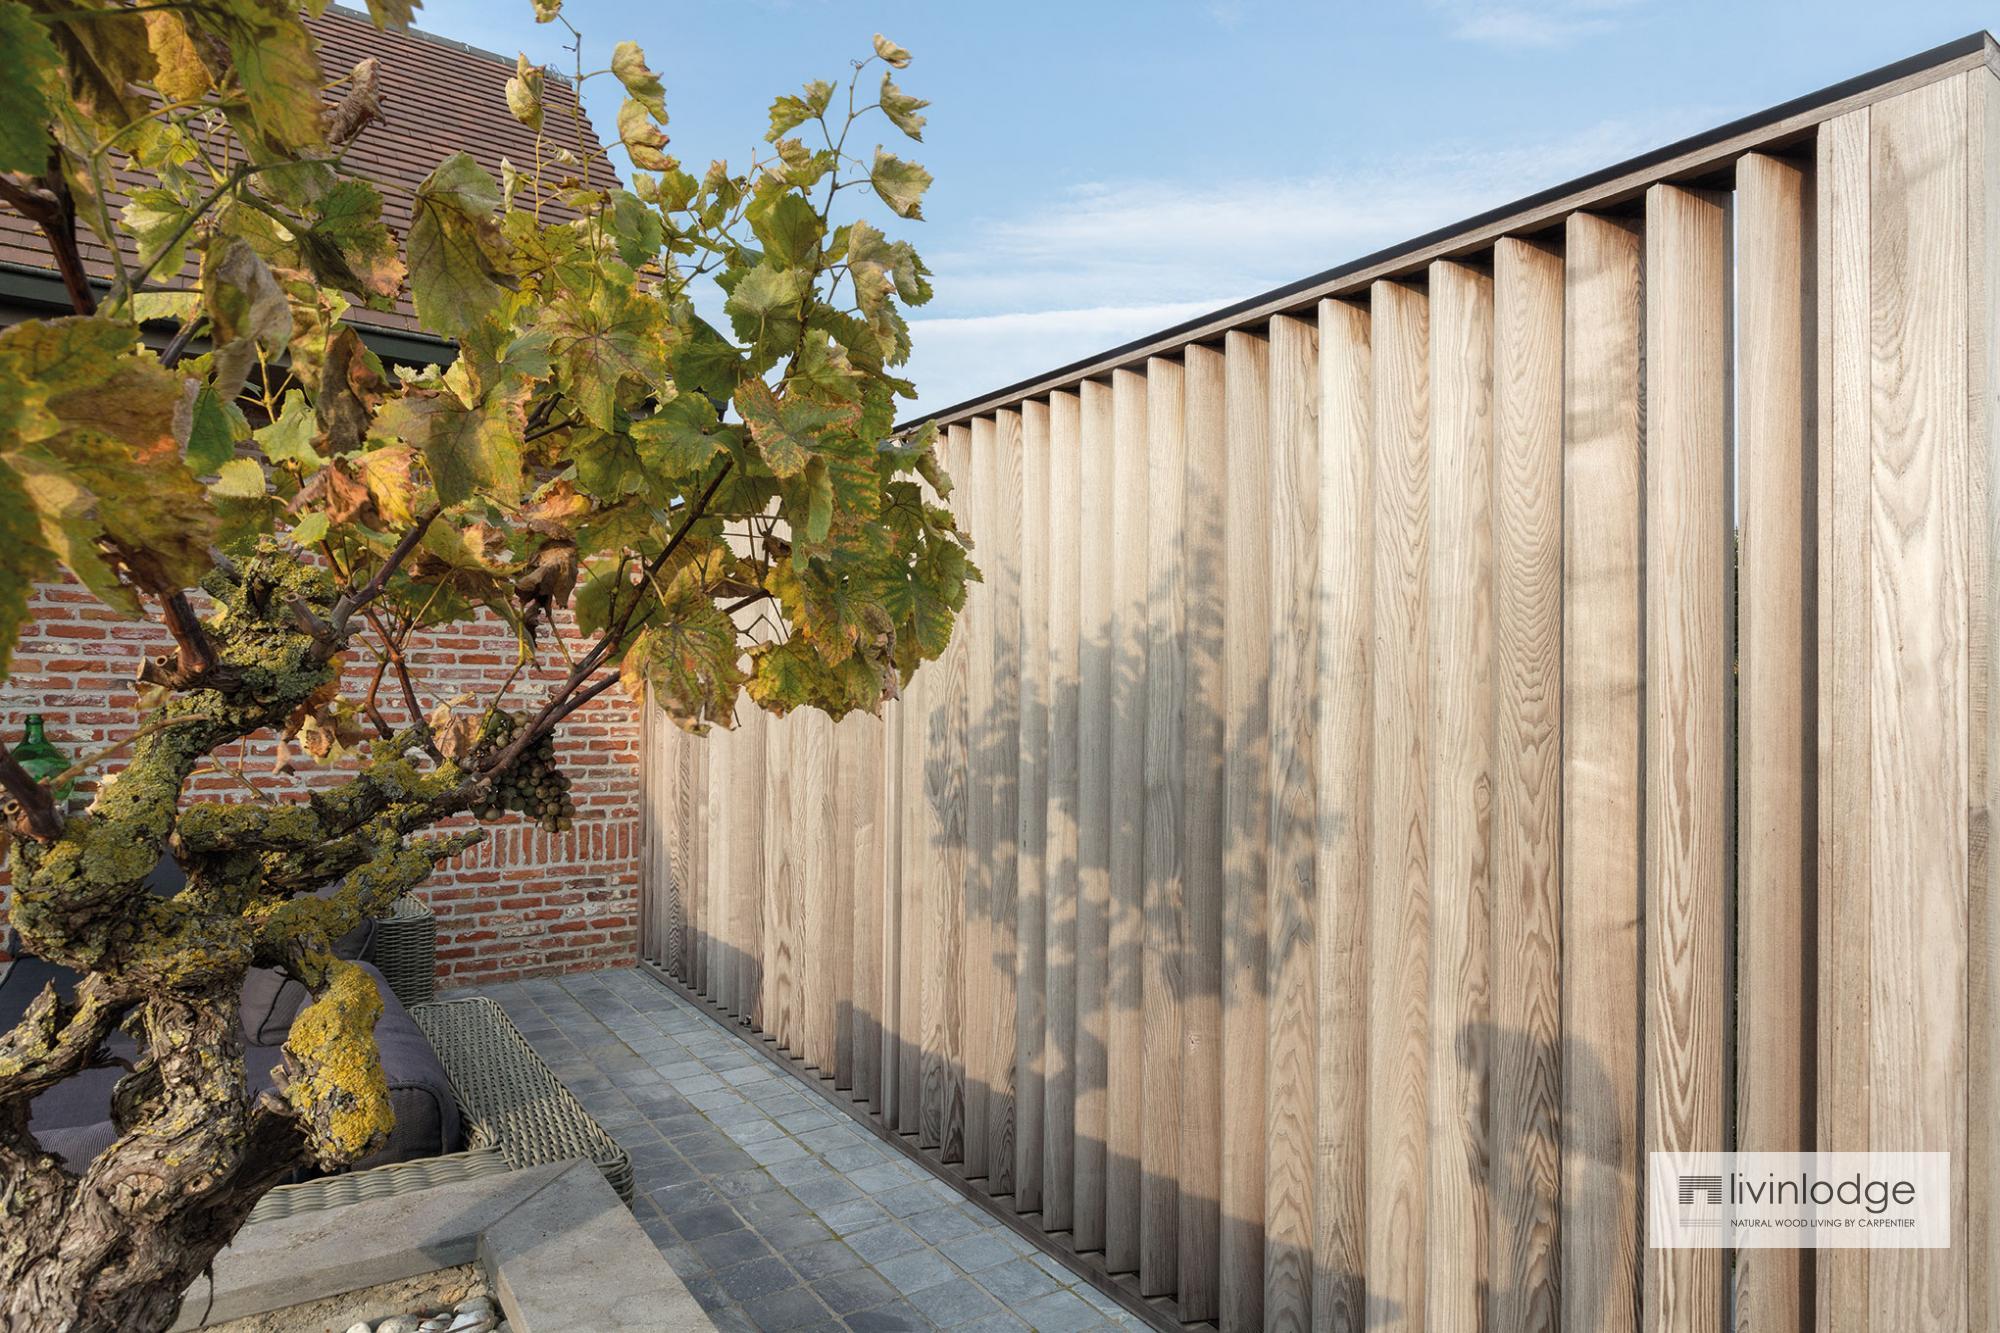 Modern Wooden Shutters As A Patio Screen Meulebeke Livinlodge